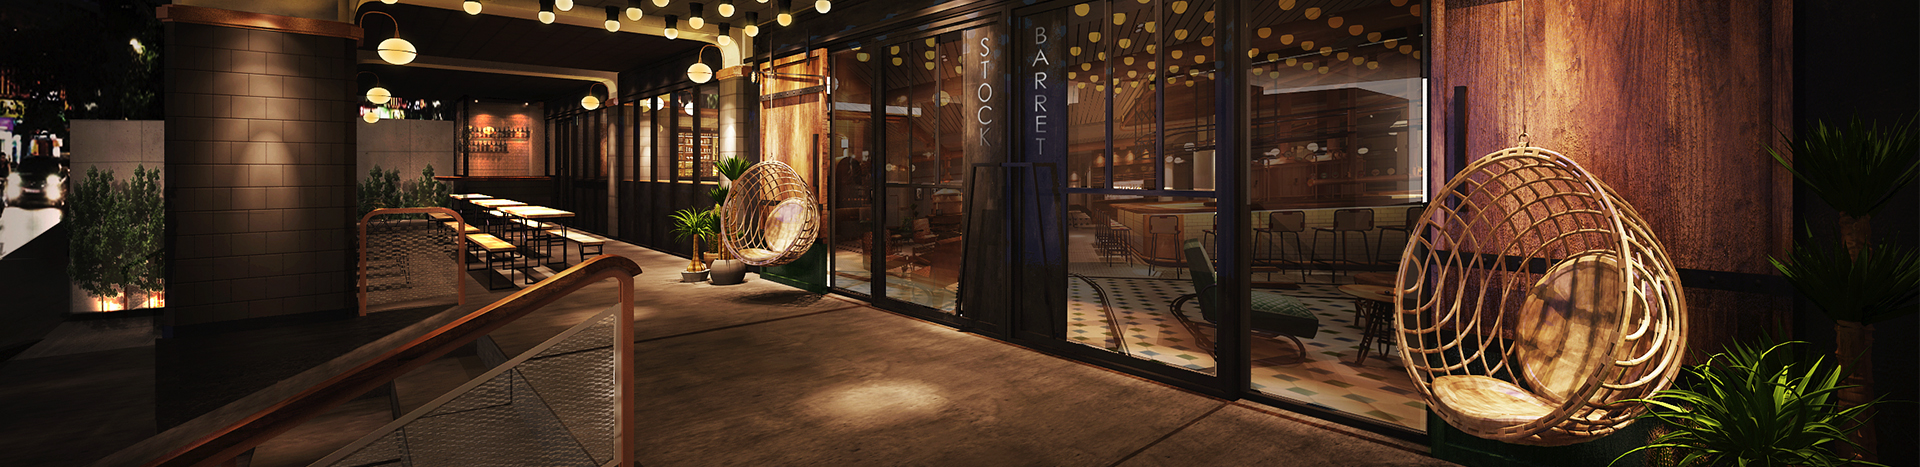 Soho Hospitality Mercure Lobby As Brewery